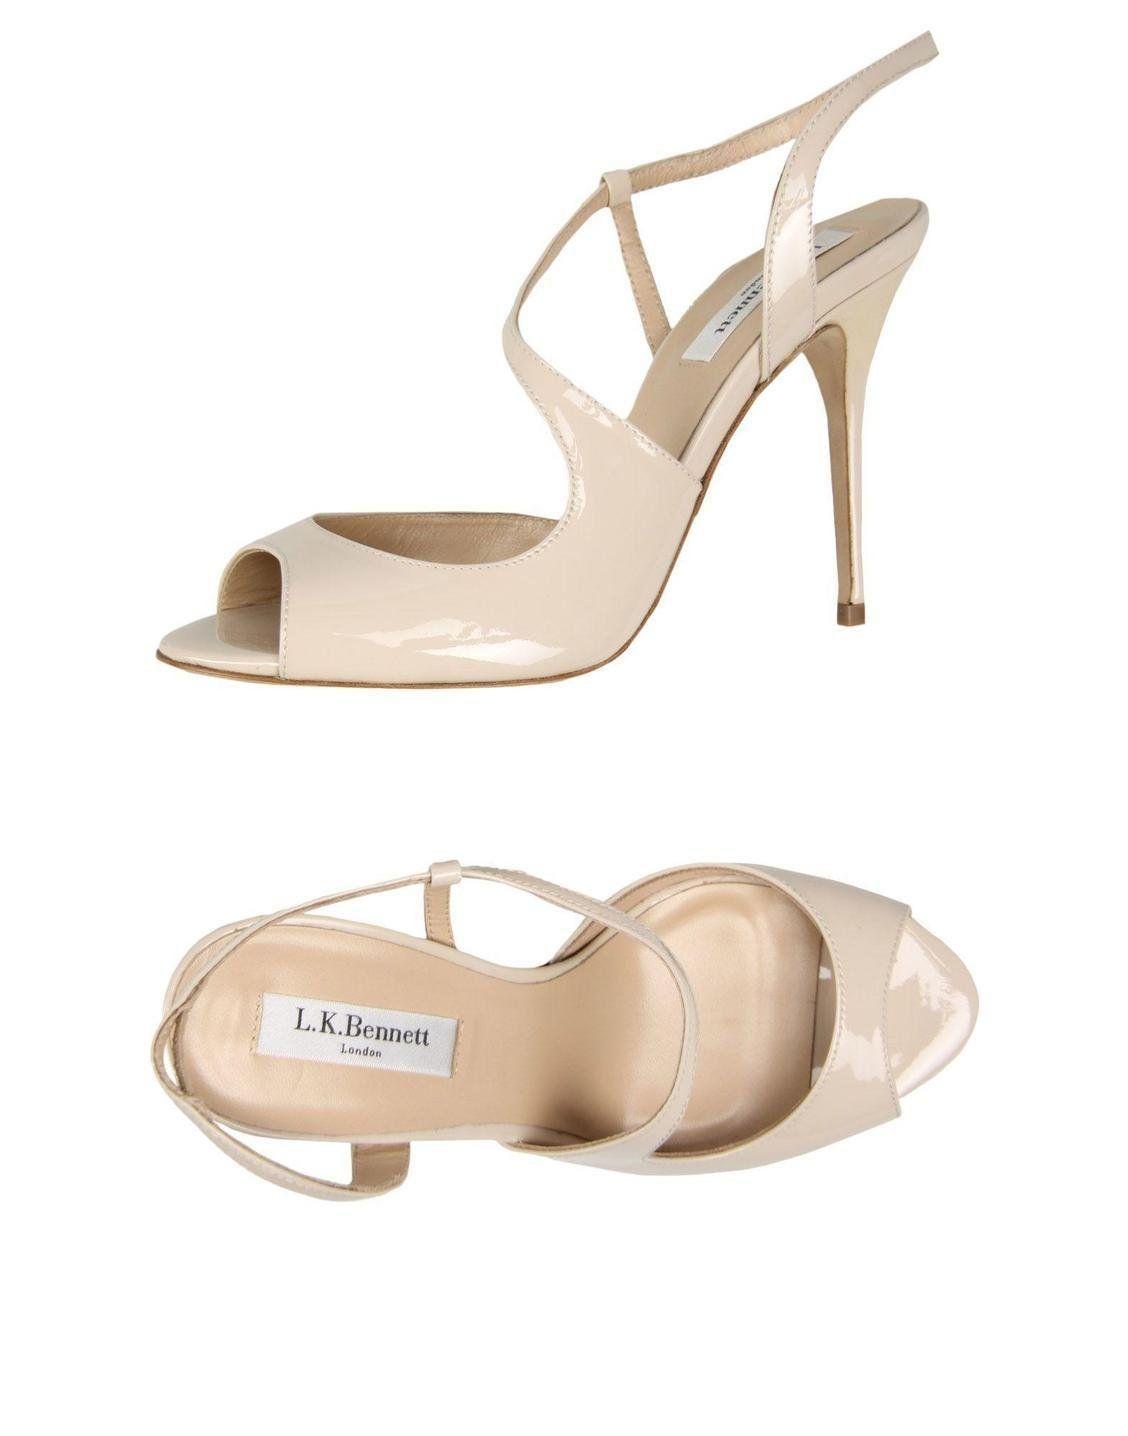 a9762dd2d6ce Sandals http   picvpic.com women-shoes-sandals sandals